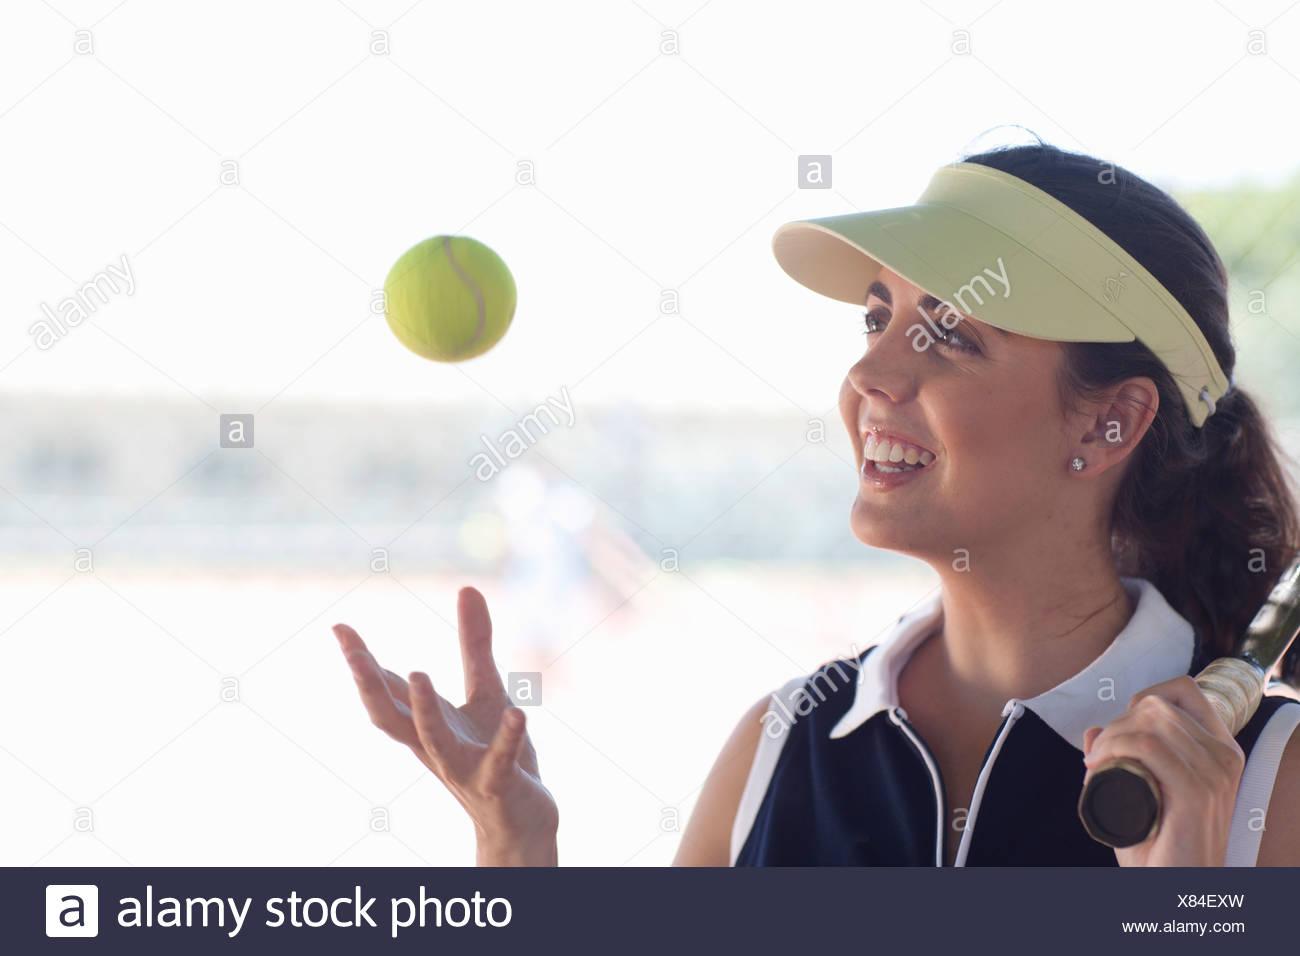 Jugador de tenis arrojando la bola Imagen De Stock